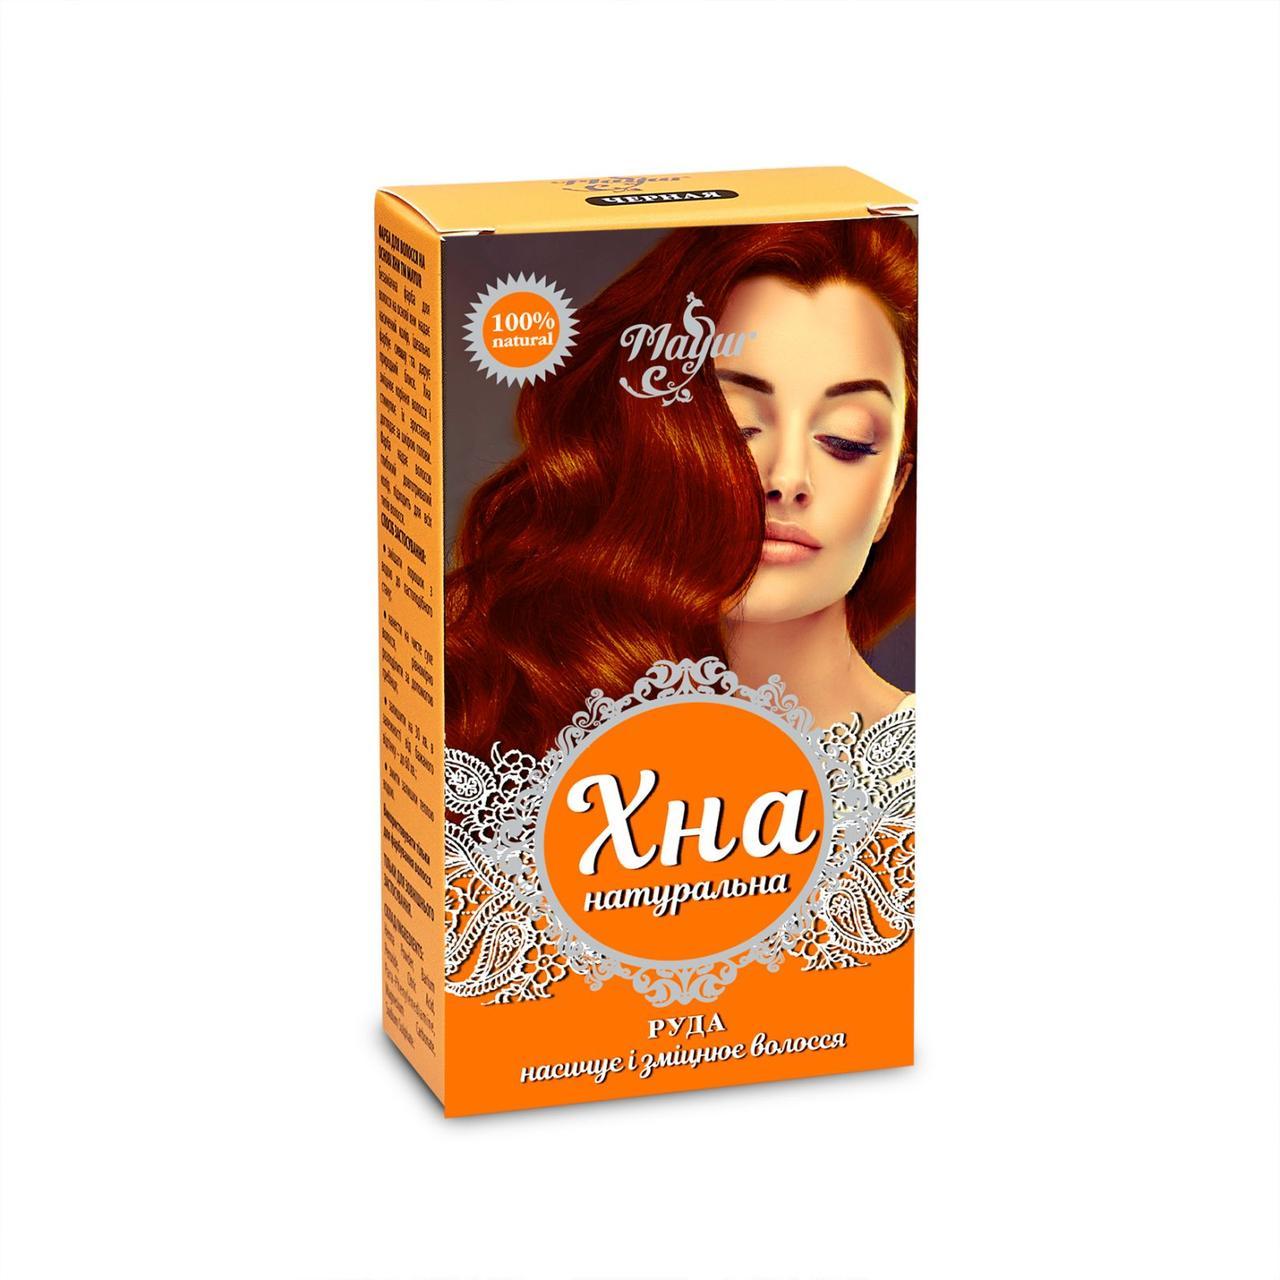 Хна для волос натуральная ТМ Mayur 25гр (рыжая)